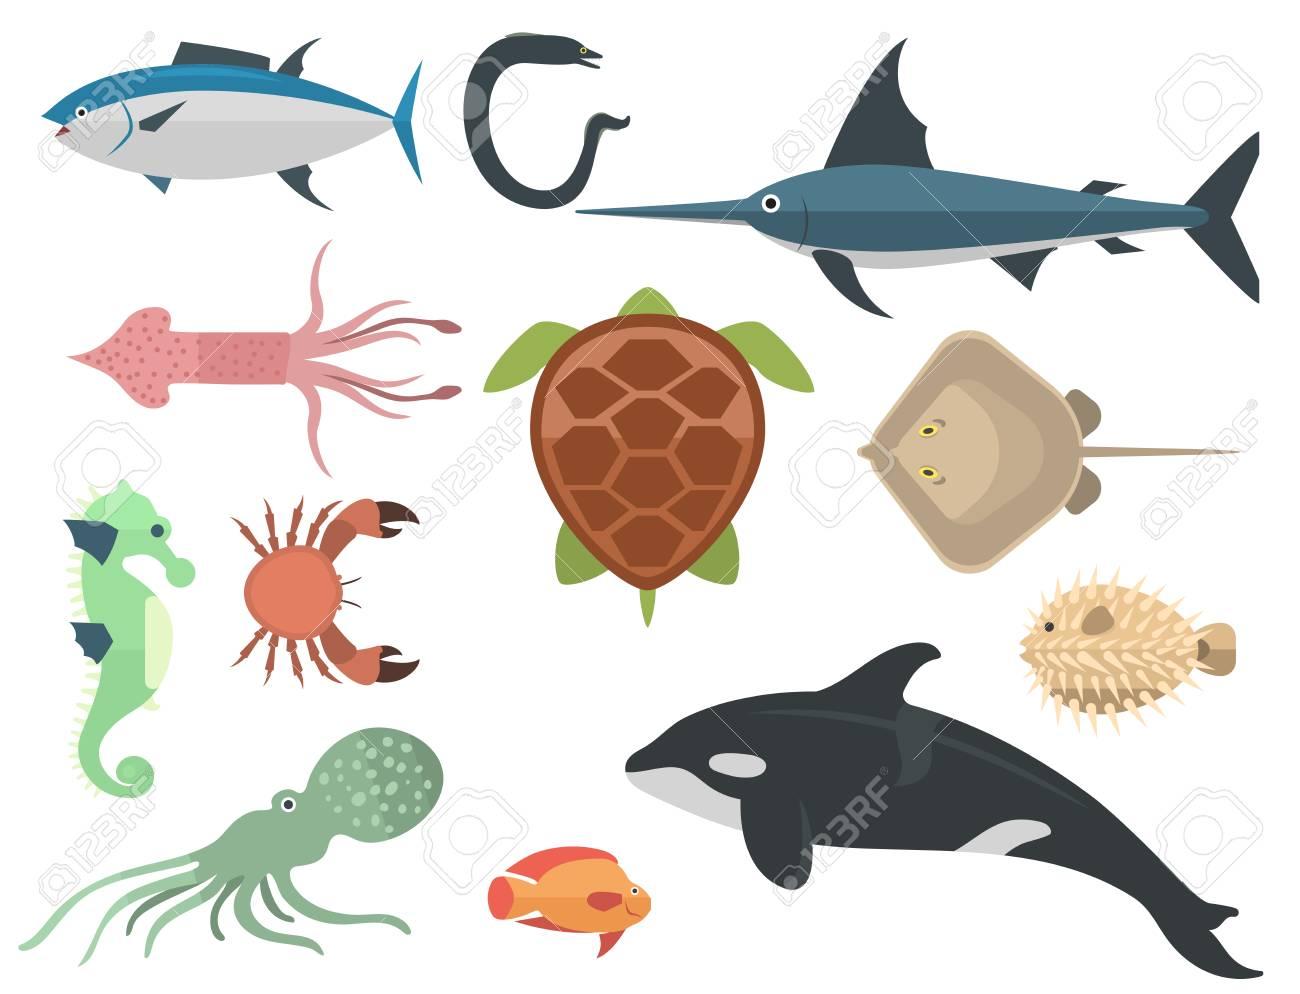 Vecteur Animaux De Mer Créatures Personnages Dessin Animé Océan Sous Marin Aquarium Vie Eau Graphique Aquatique Animaux Animaux Sauvages